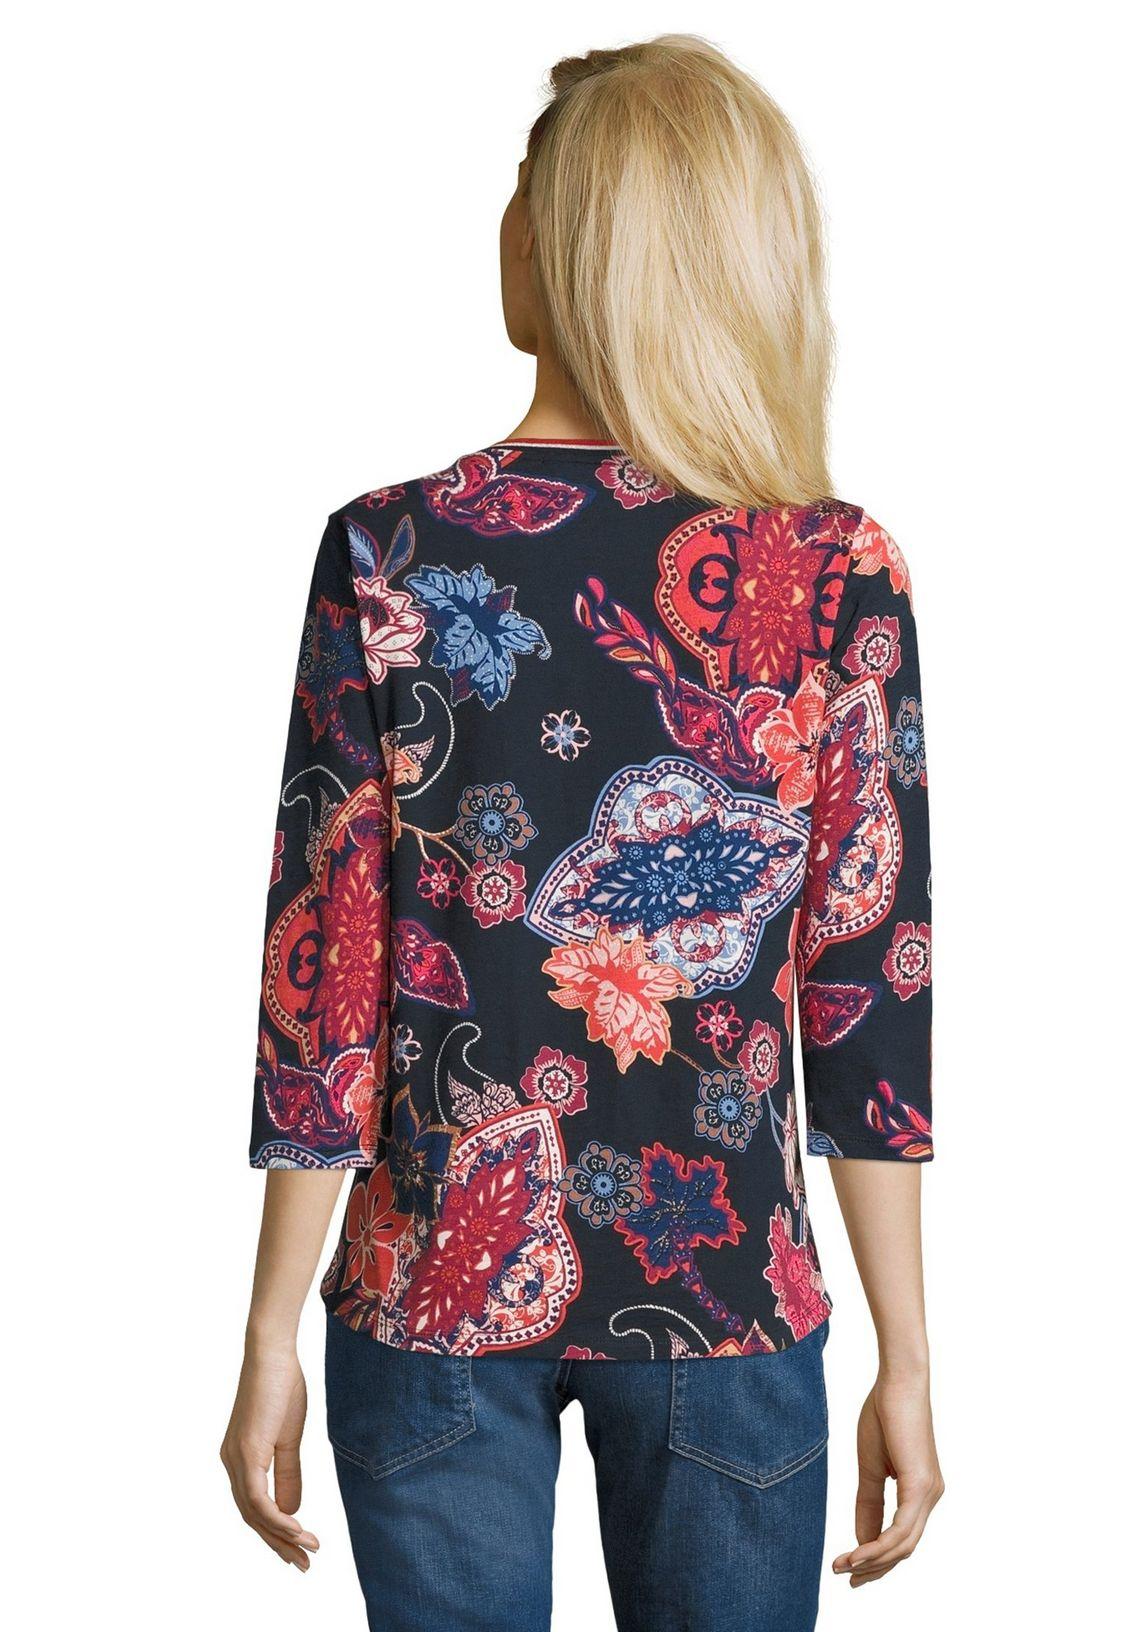 Betty Barclay Print Shirt Met Geribde Boorden In De Online Winkel Dark Blue/red - Blauw PyCSGYrT